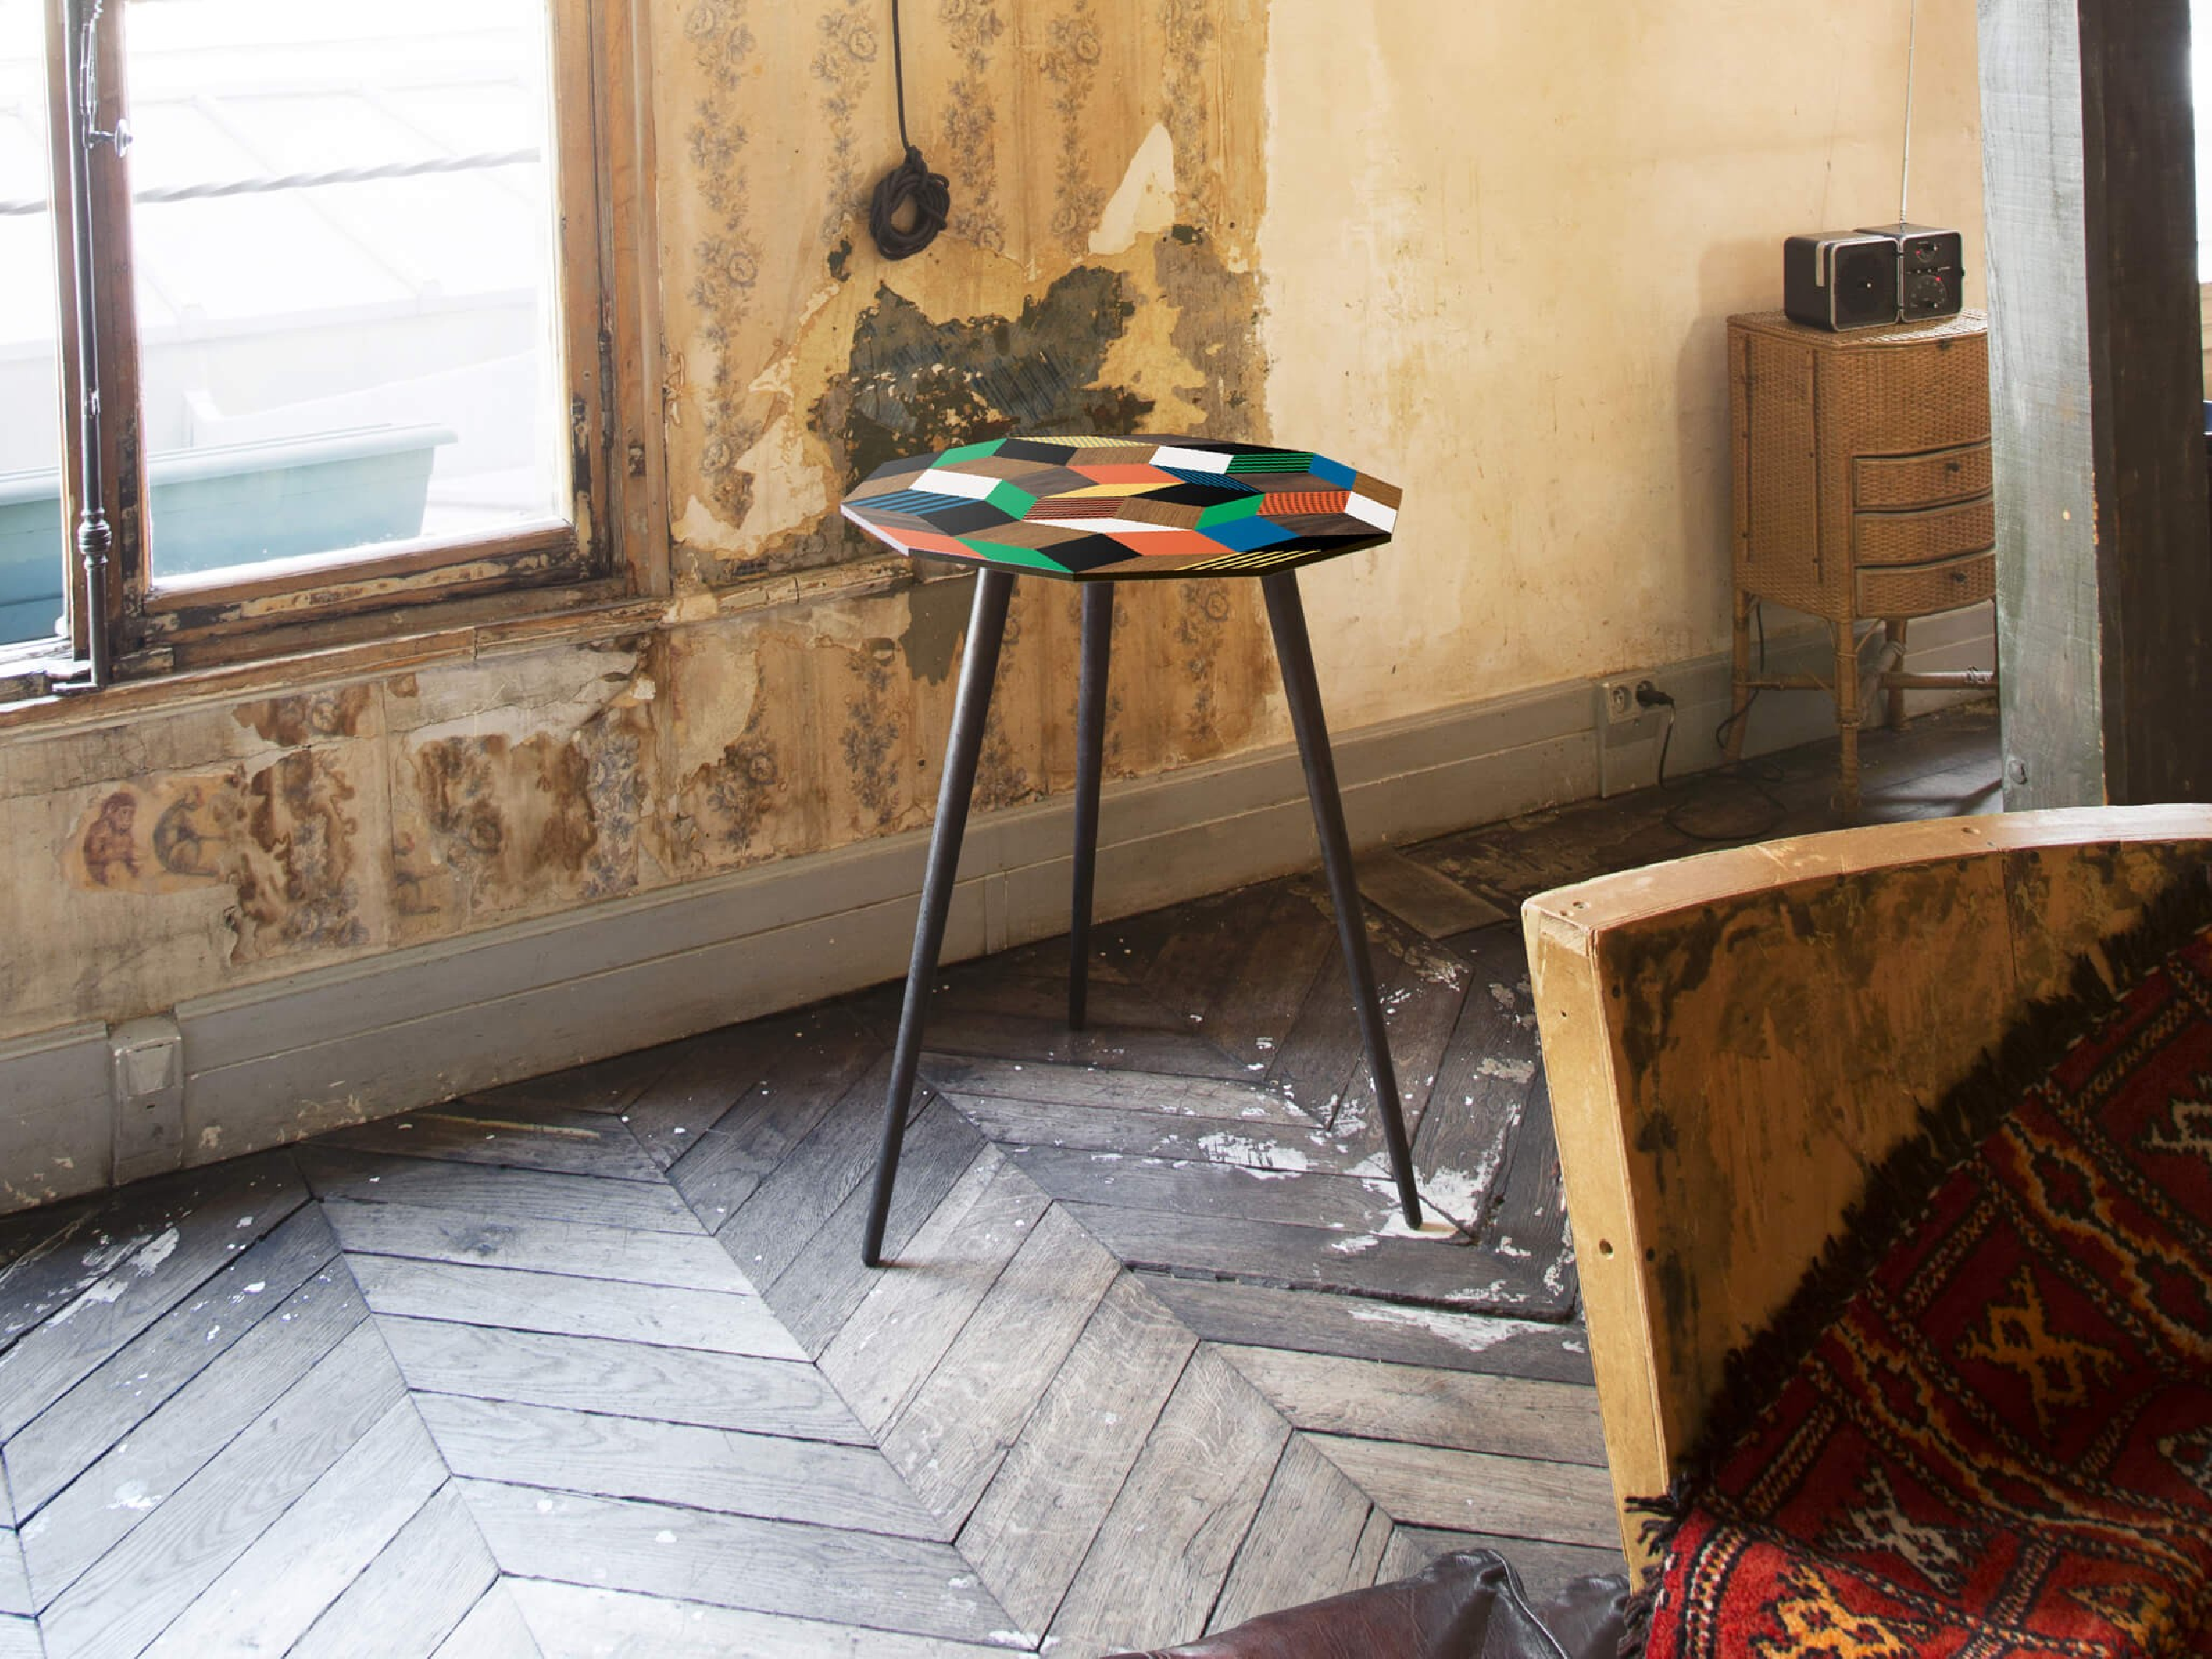 Petite table haute, guéridon au motif géométrique Crazy Wood. Design IchetKar édition Bazartherapy